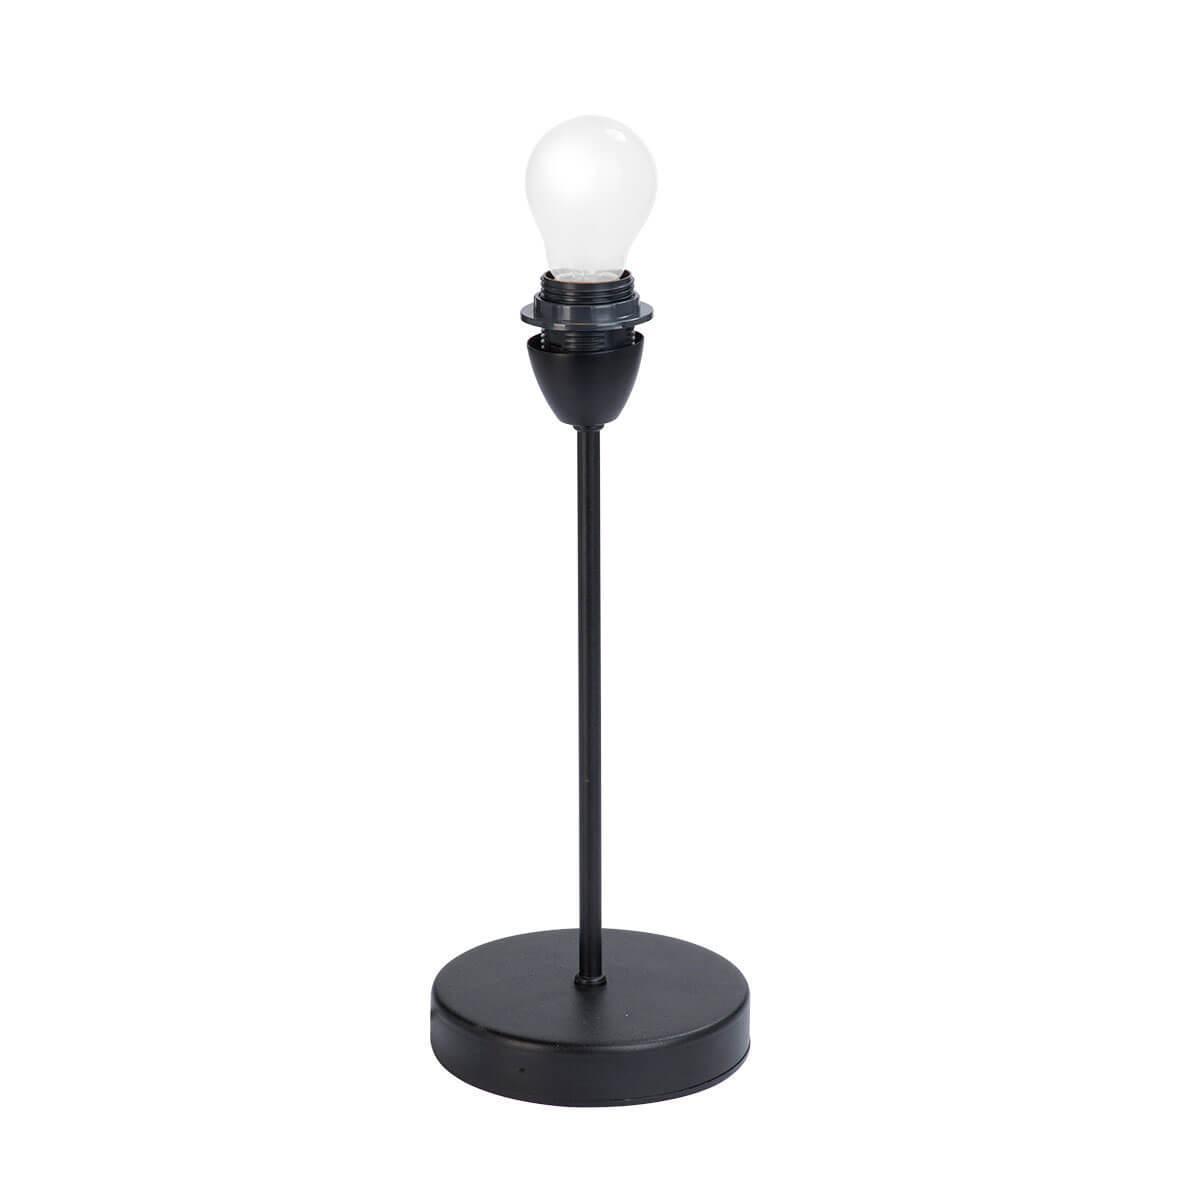 Настольный светильник Vitaluce V4262-1/1L, E27, 60 Вт светильник настольный vitaluce 1 х е27 60 вт v4290 8 1l коричневый